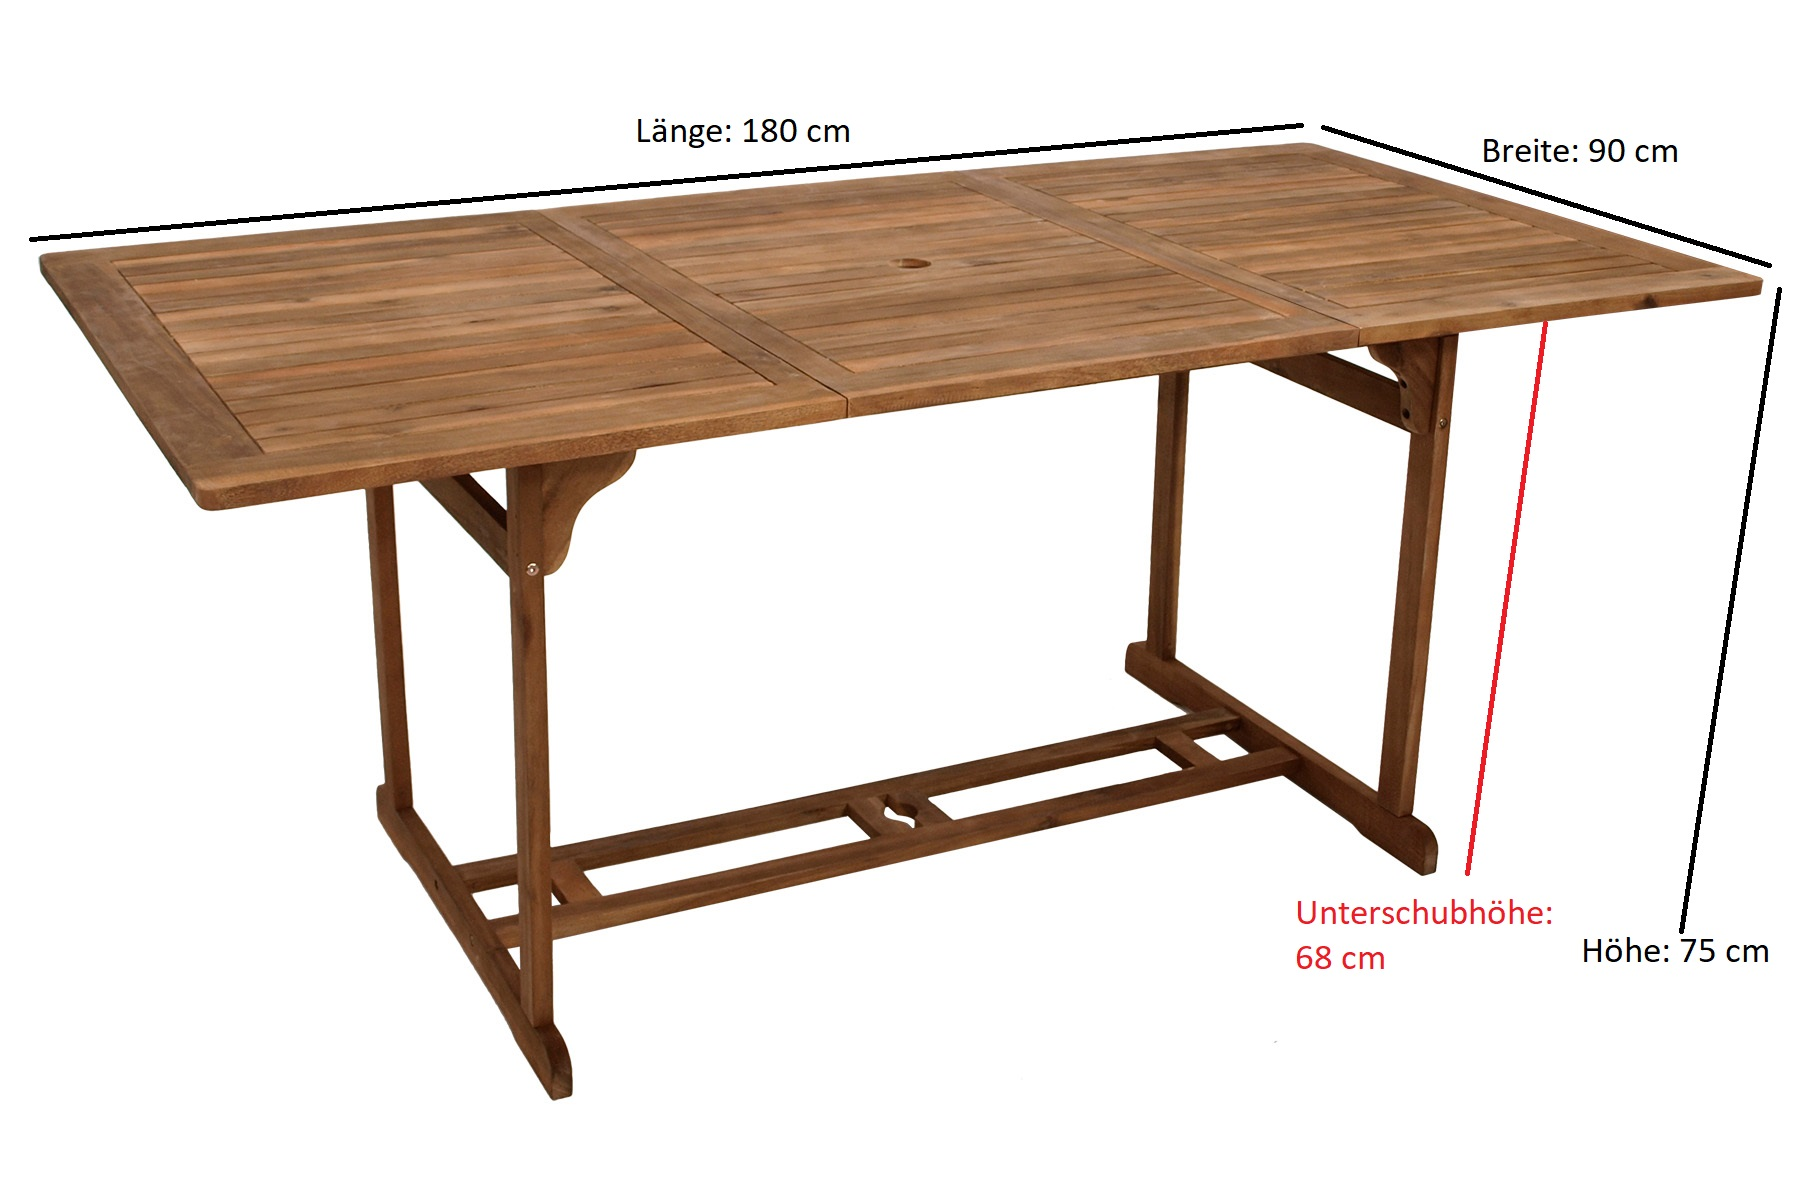 Garnitur MONTREUX 7-teilig, Geflecht schwarz + Akazien Holz, Tisch 90x180cm